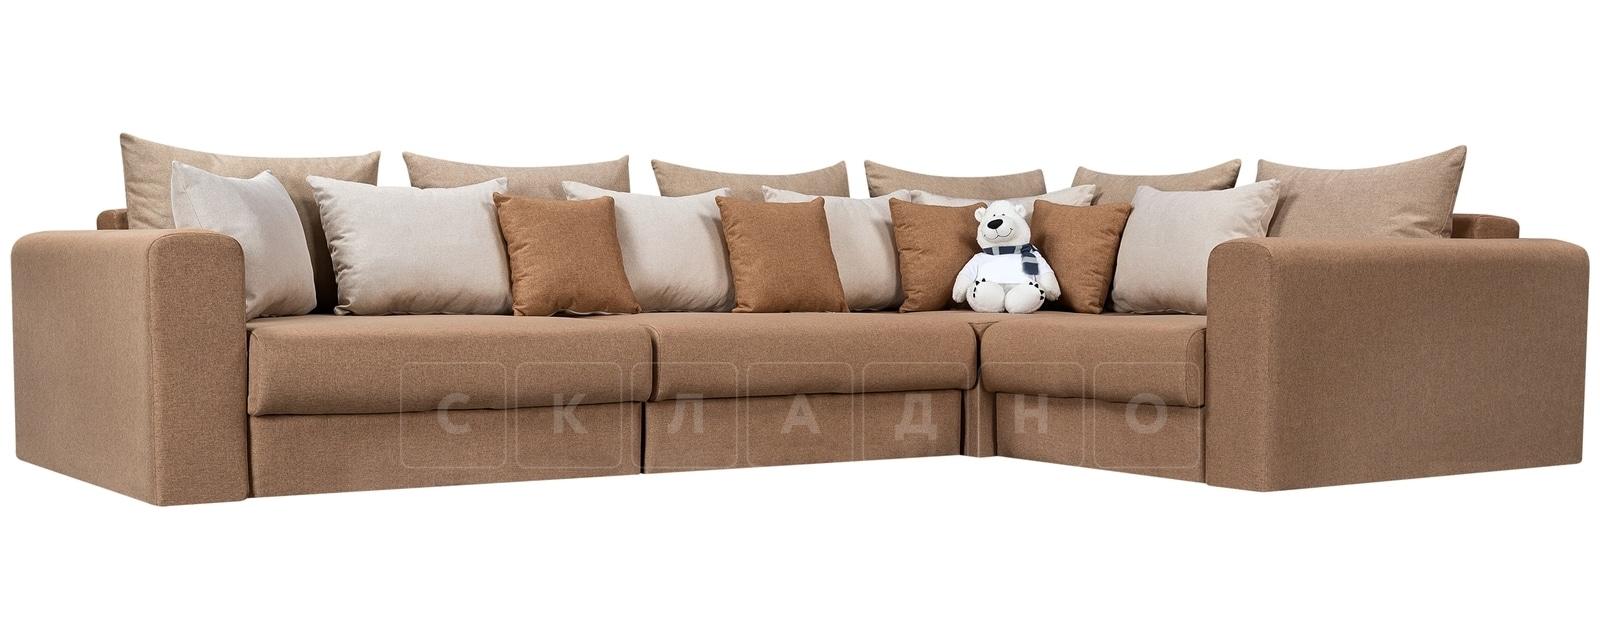 Угловой диван Медисон коричневый 345х224 см фото 1 | интернет-магазин Складно